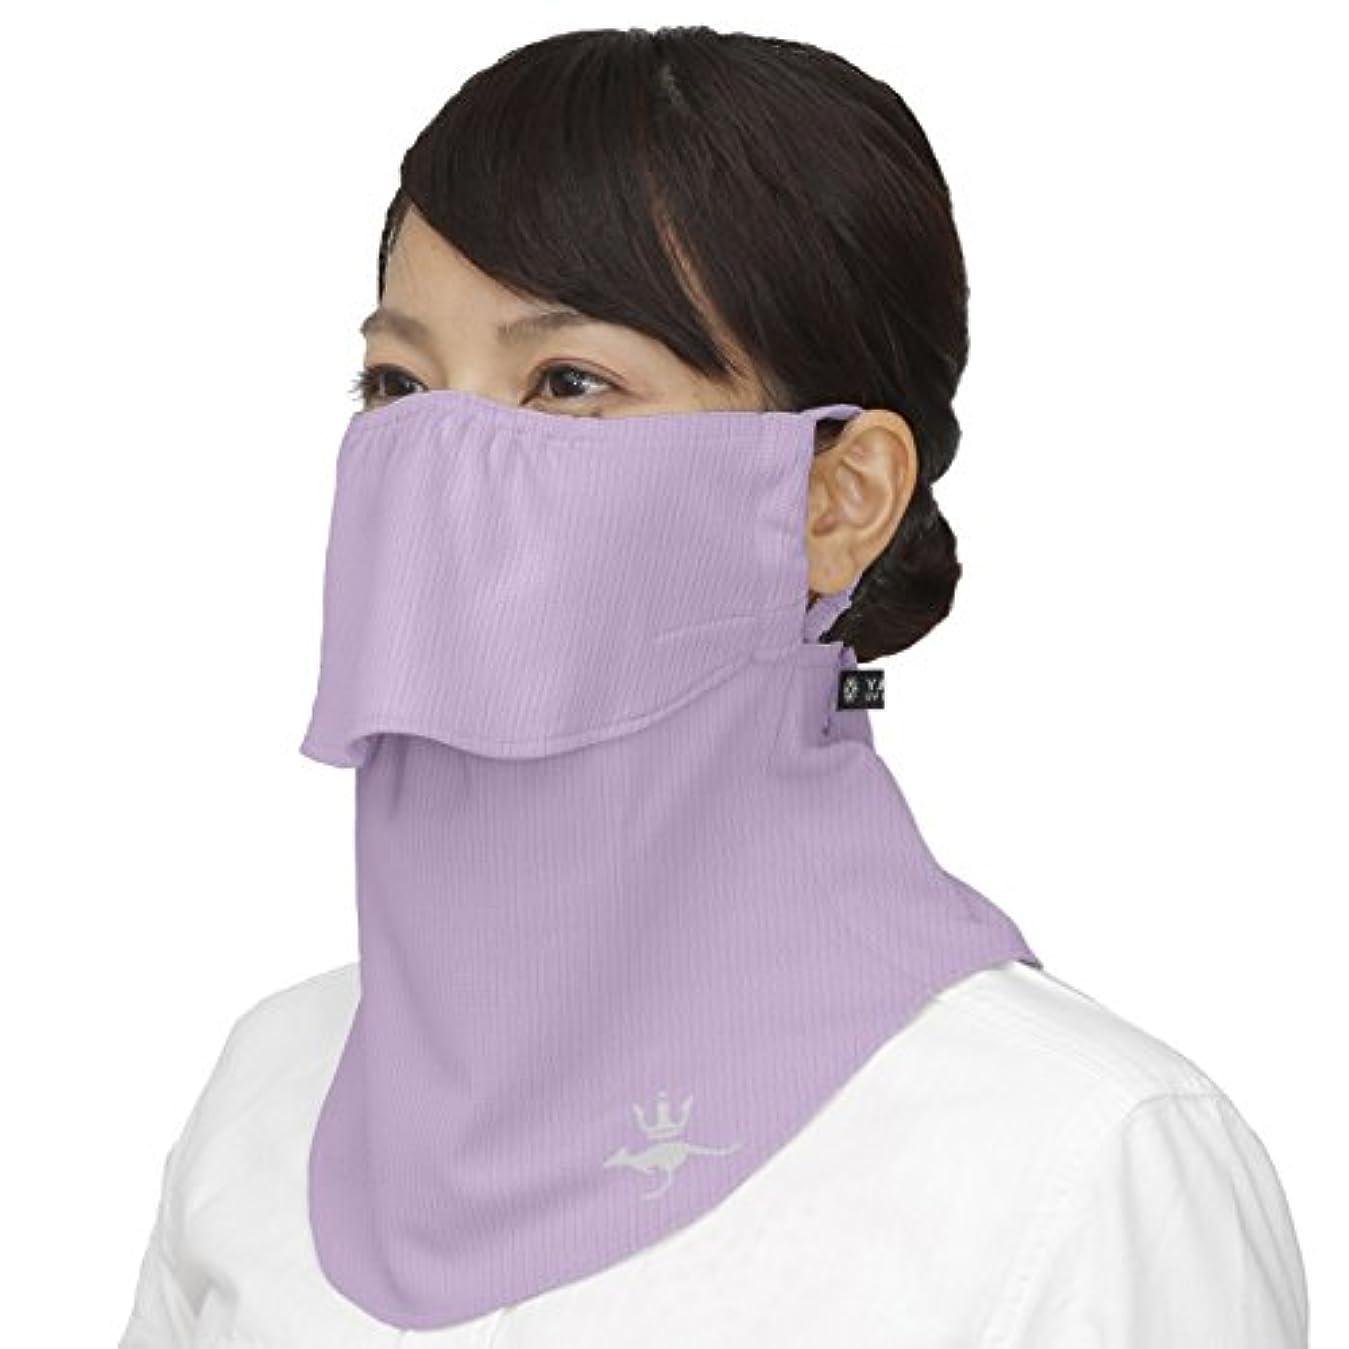 生産的スクラブけがをする(シンプソン)Simpson 息苦しくない 紫外線防止 レディース 日焼け防止 UVカット フェイスマスク フェイスカバー STA-M02